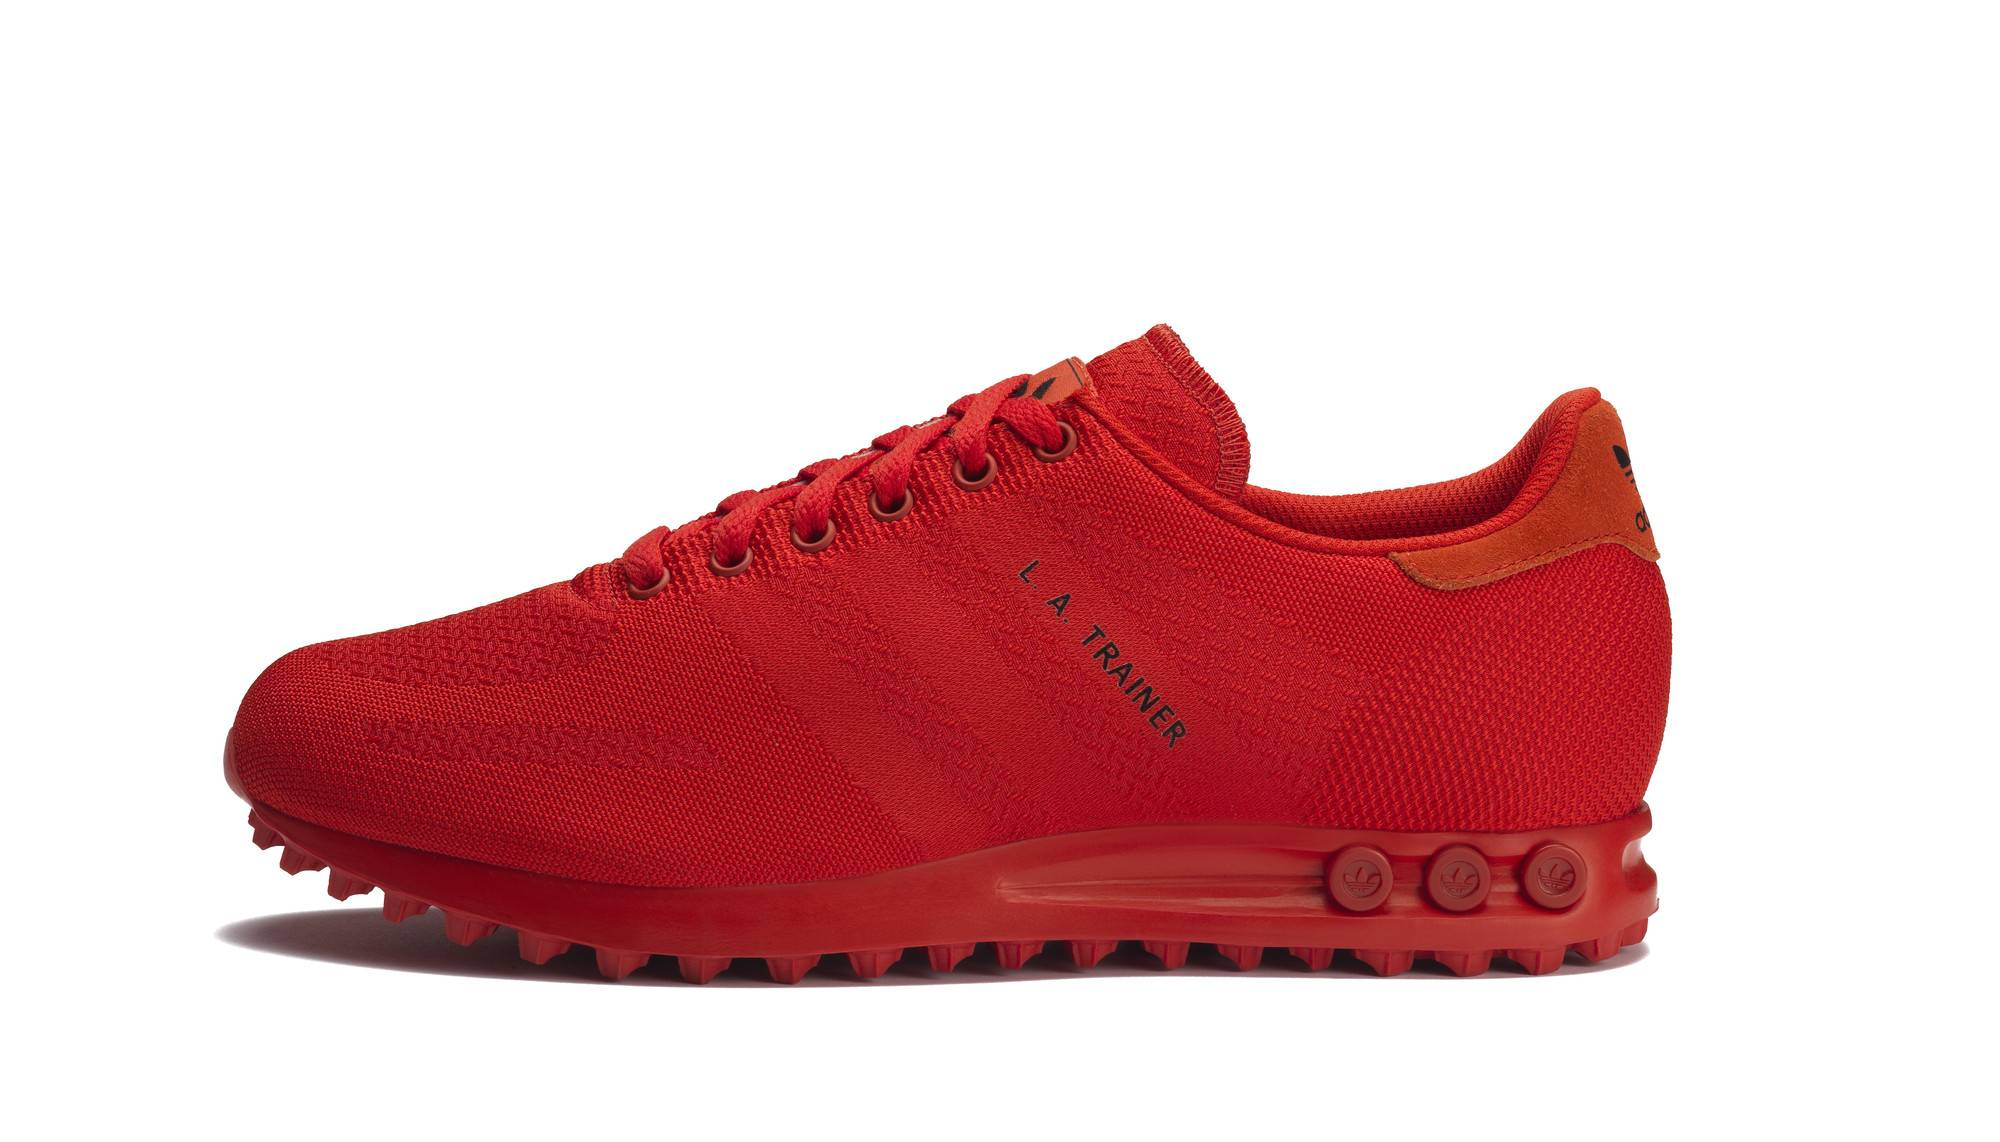 scarpe adidas foot locker italia